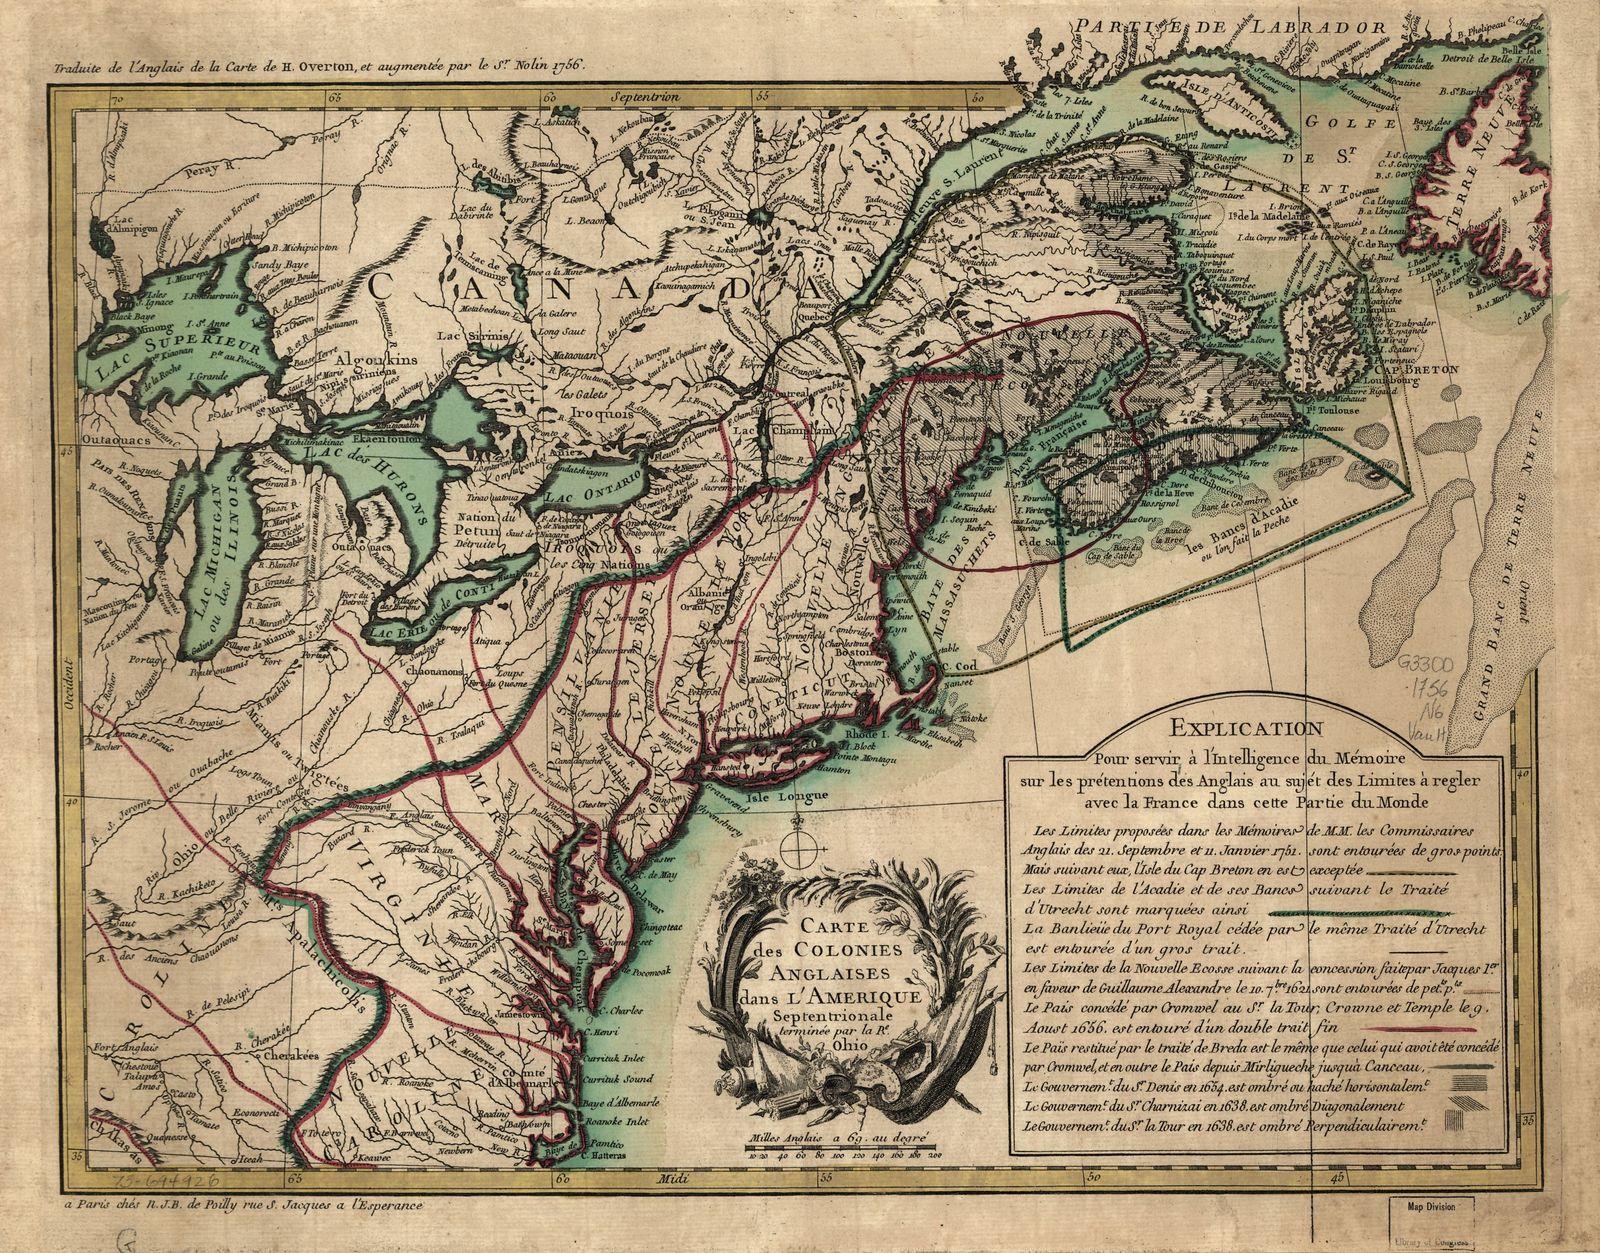 Carte des colonies anglaises dans l'Amérique septentrionale, terminée par la re. Ohio.